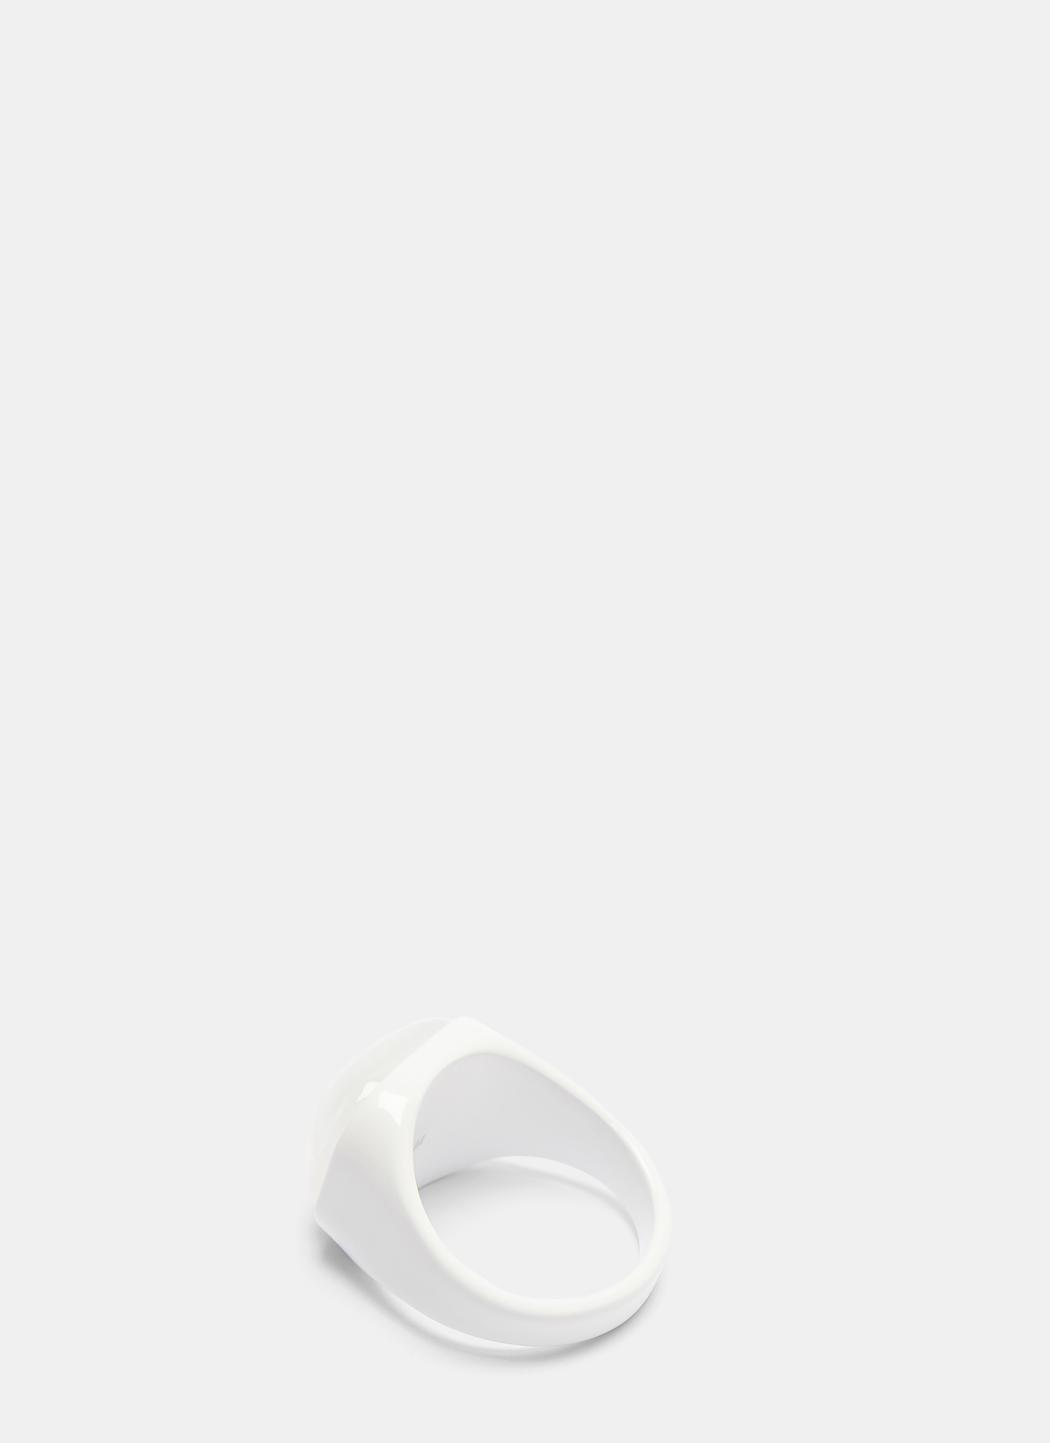 Maison Martin Margiela Painted Resin Signet Ring epo3zWFcc